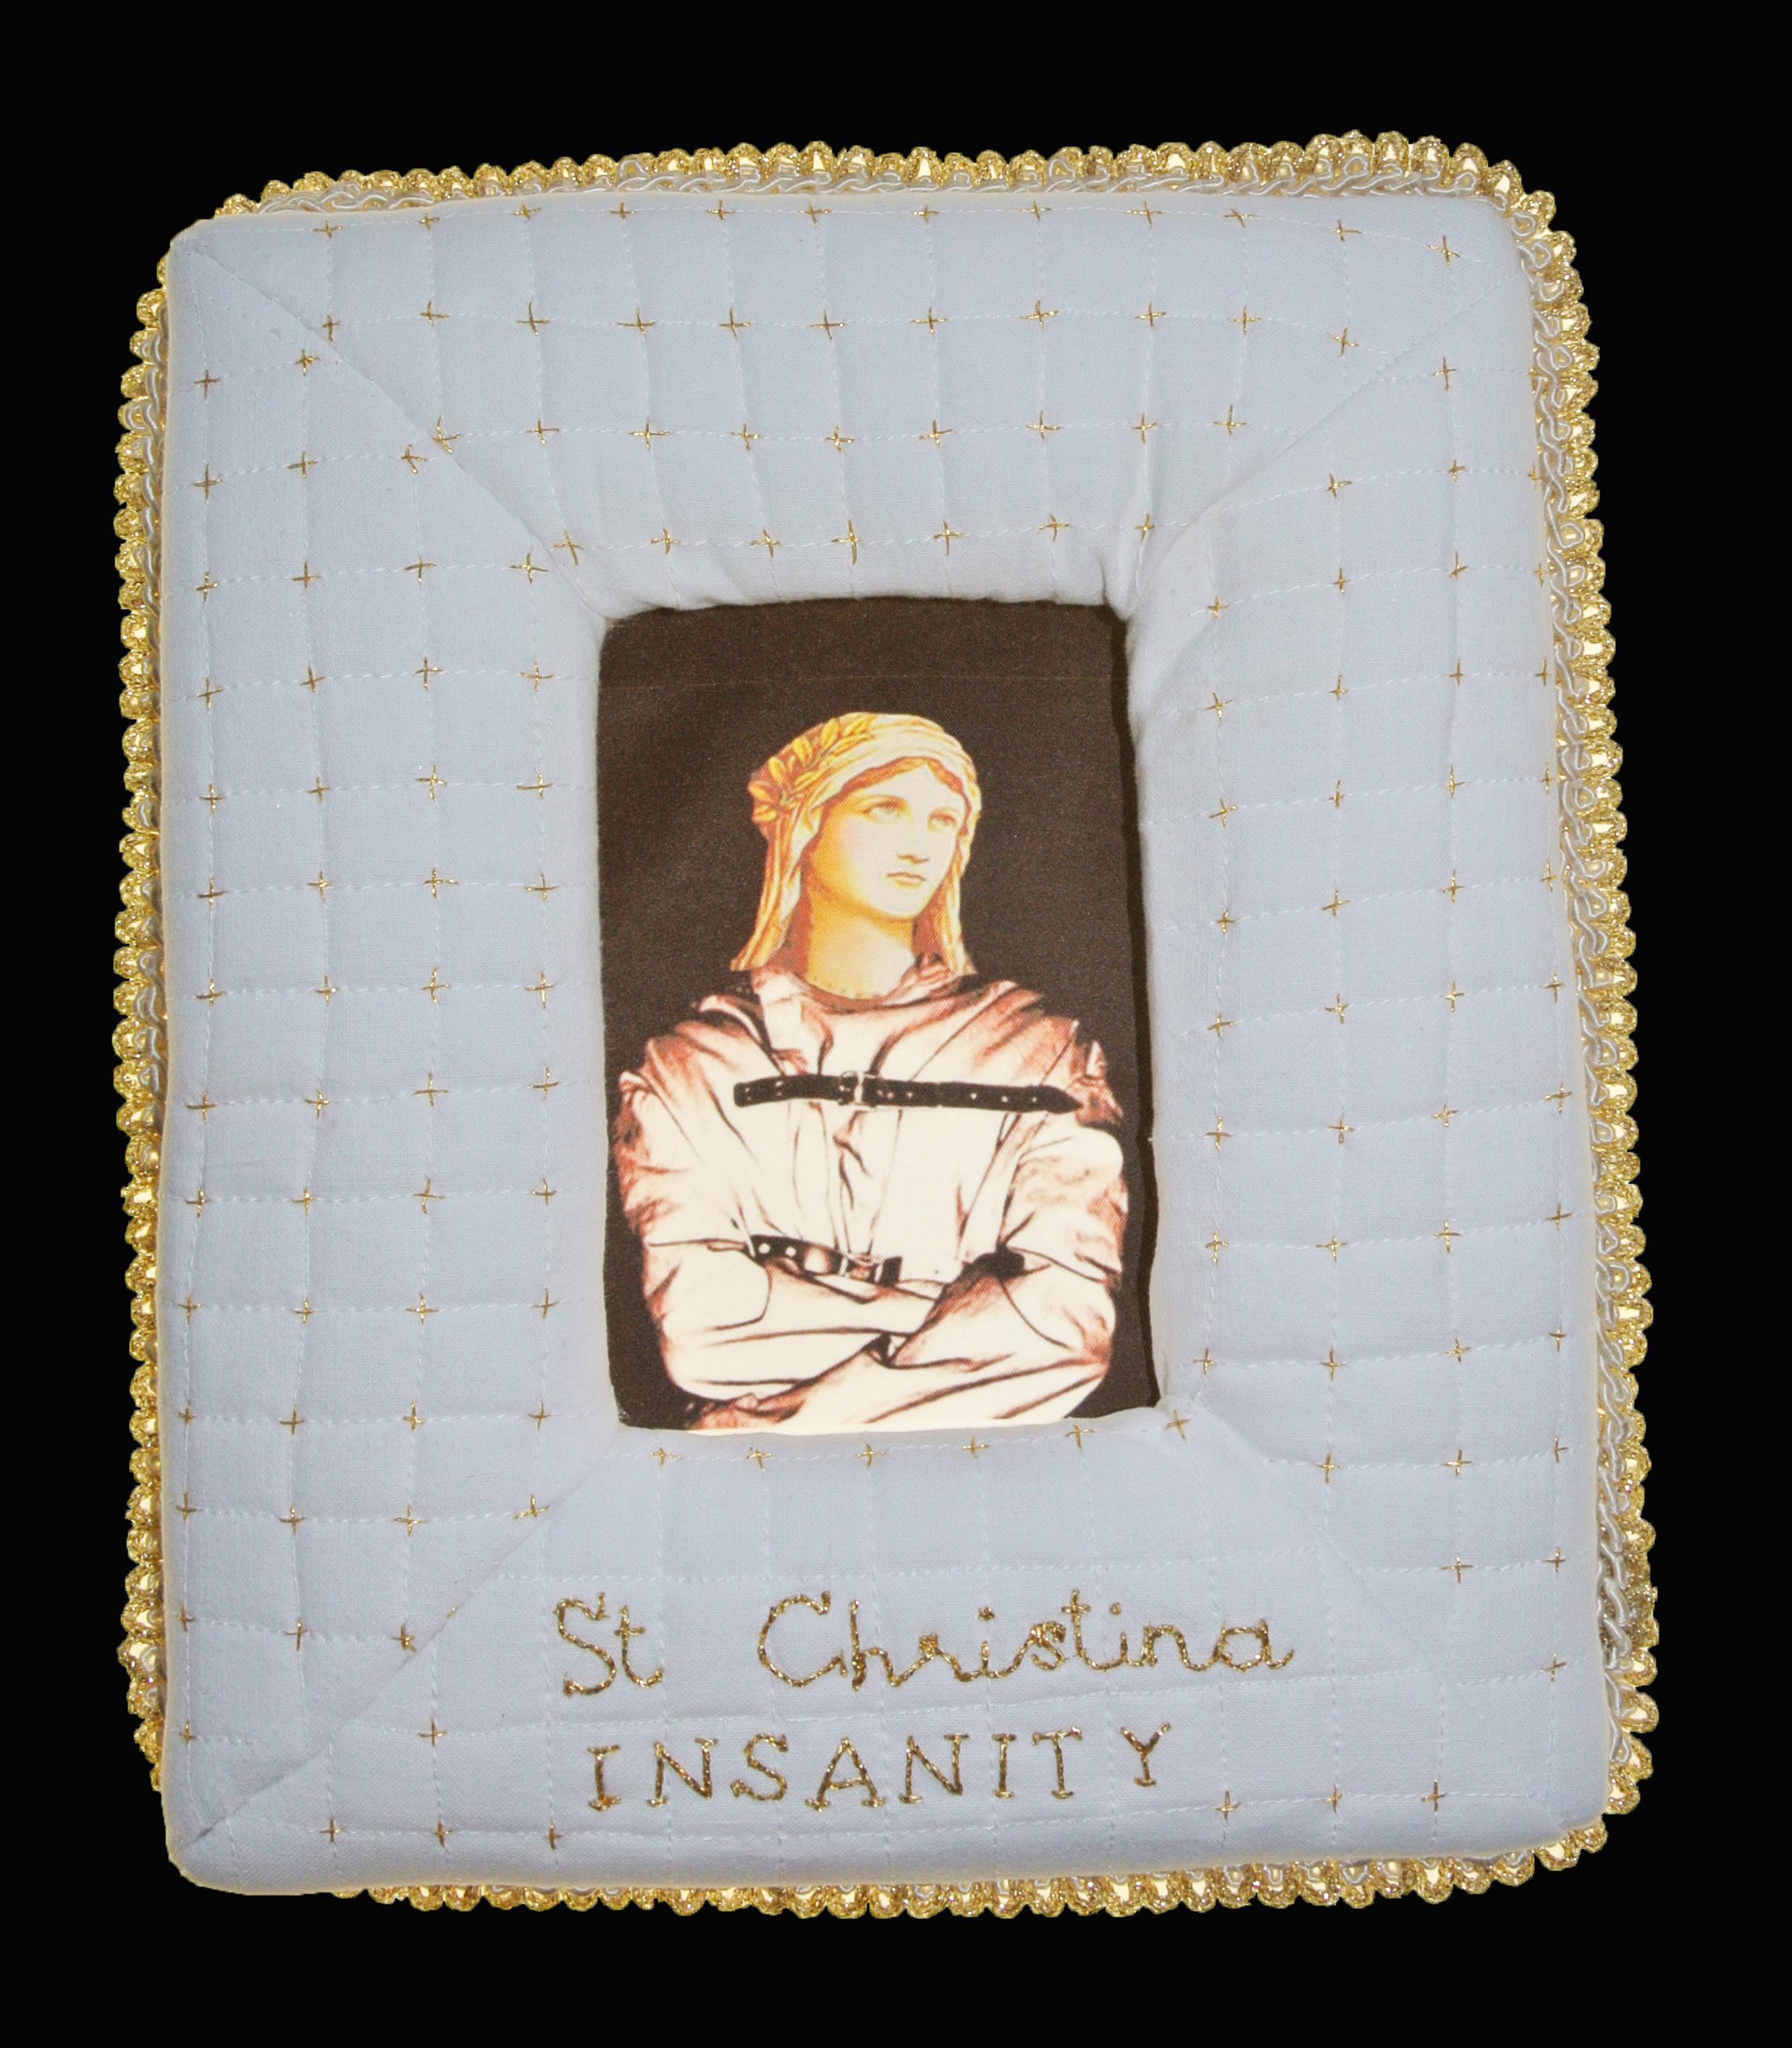 St Christina2.jpg